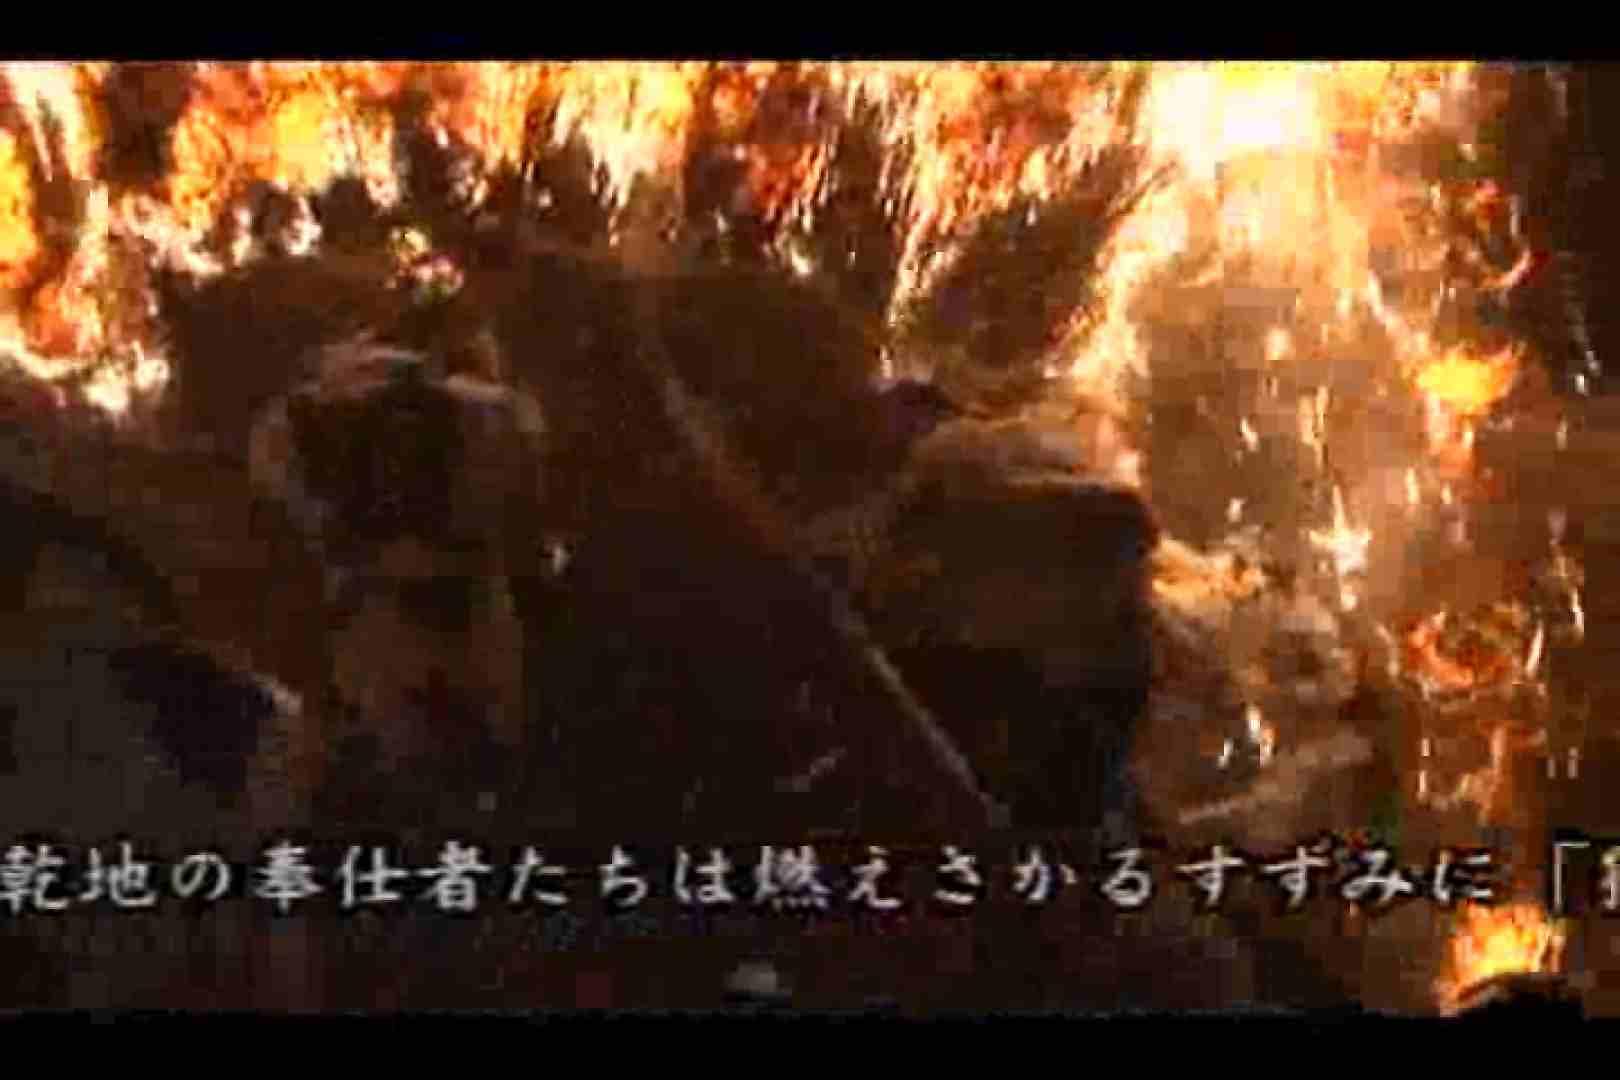 鳥羽の火祭り 3000K!高画質バージョンVOL.03 念願の完全無修正 | ノンケ  82連発 36